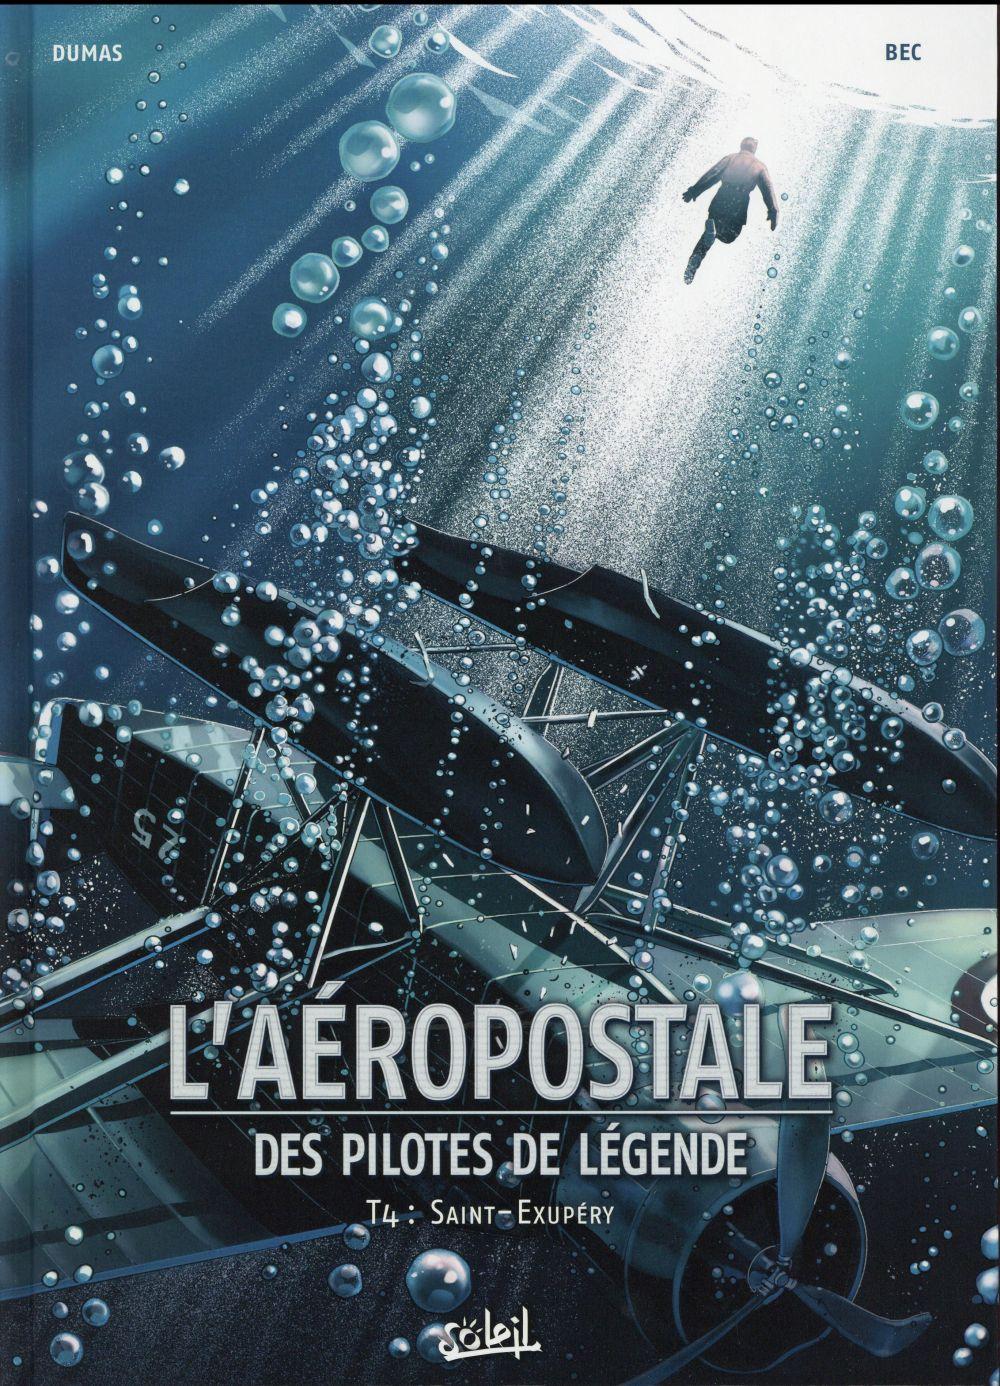 L'AEROPOSTALE - DES PILOTES DE LEGENDE T4 - SAINT-EXUPERY